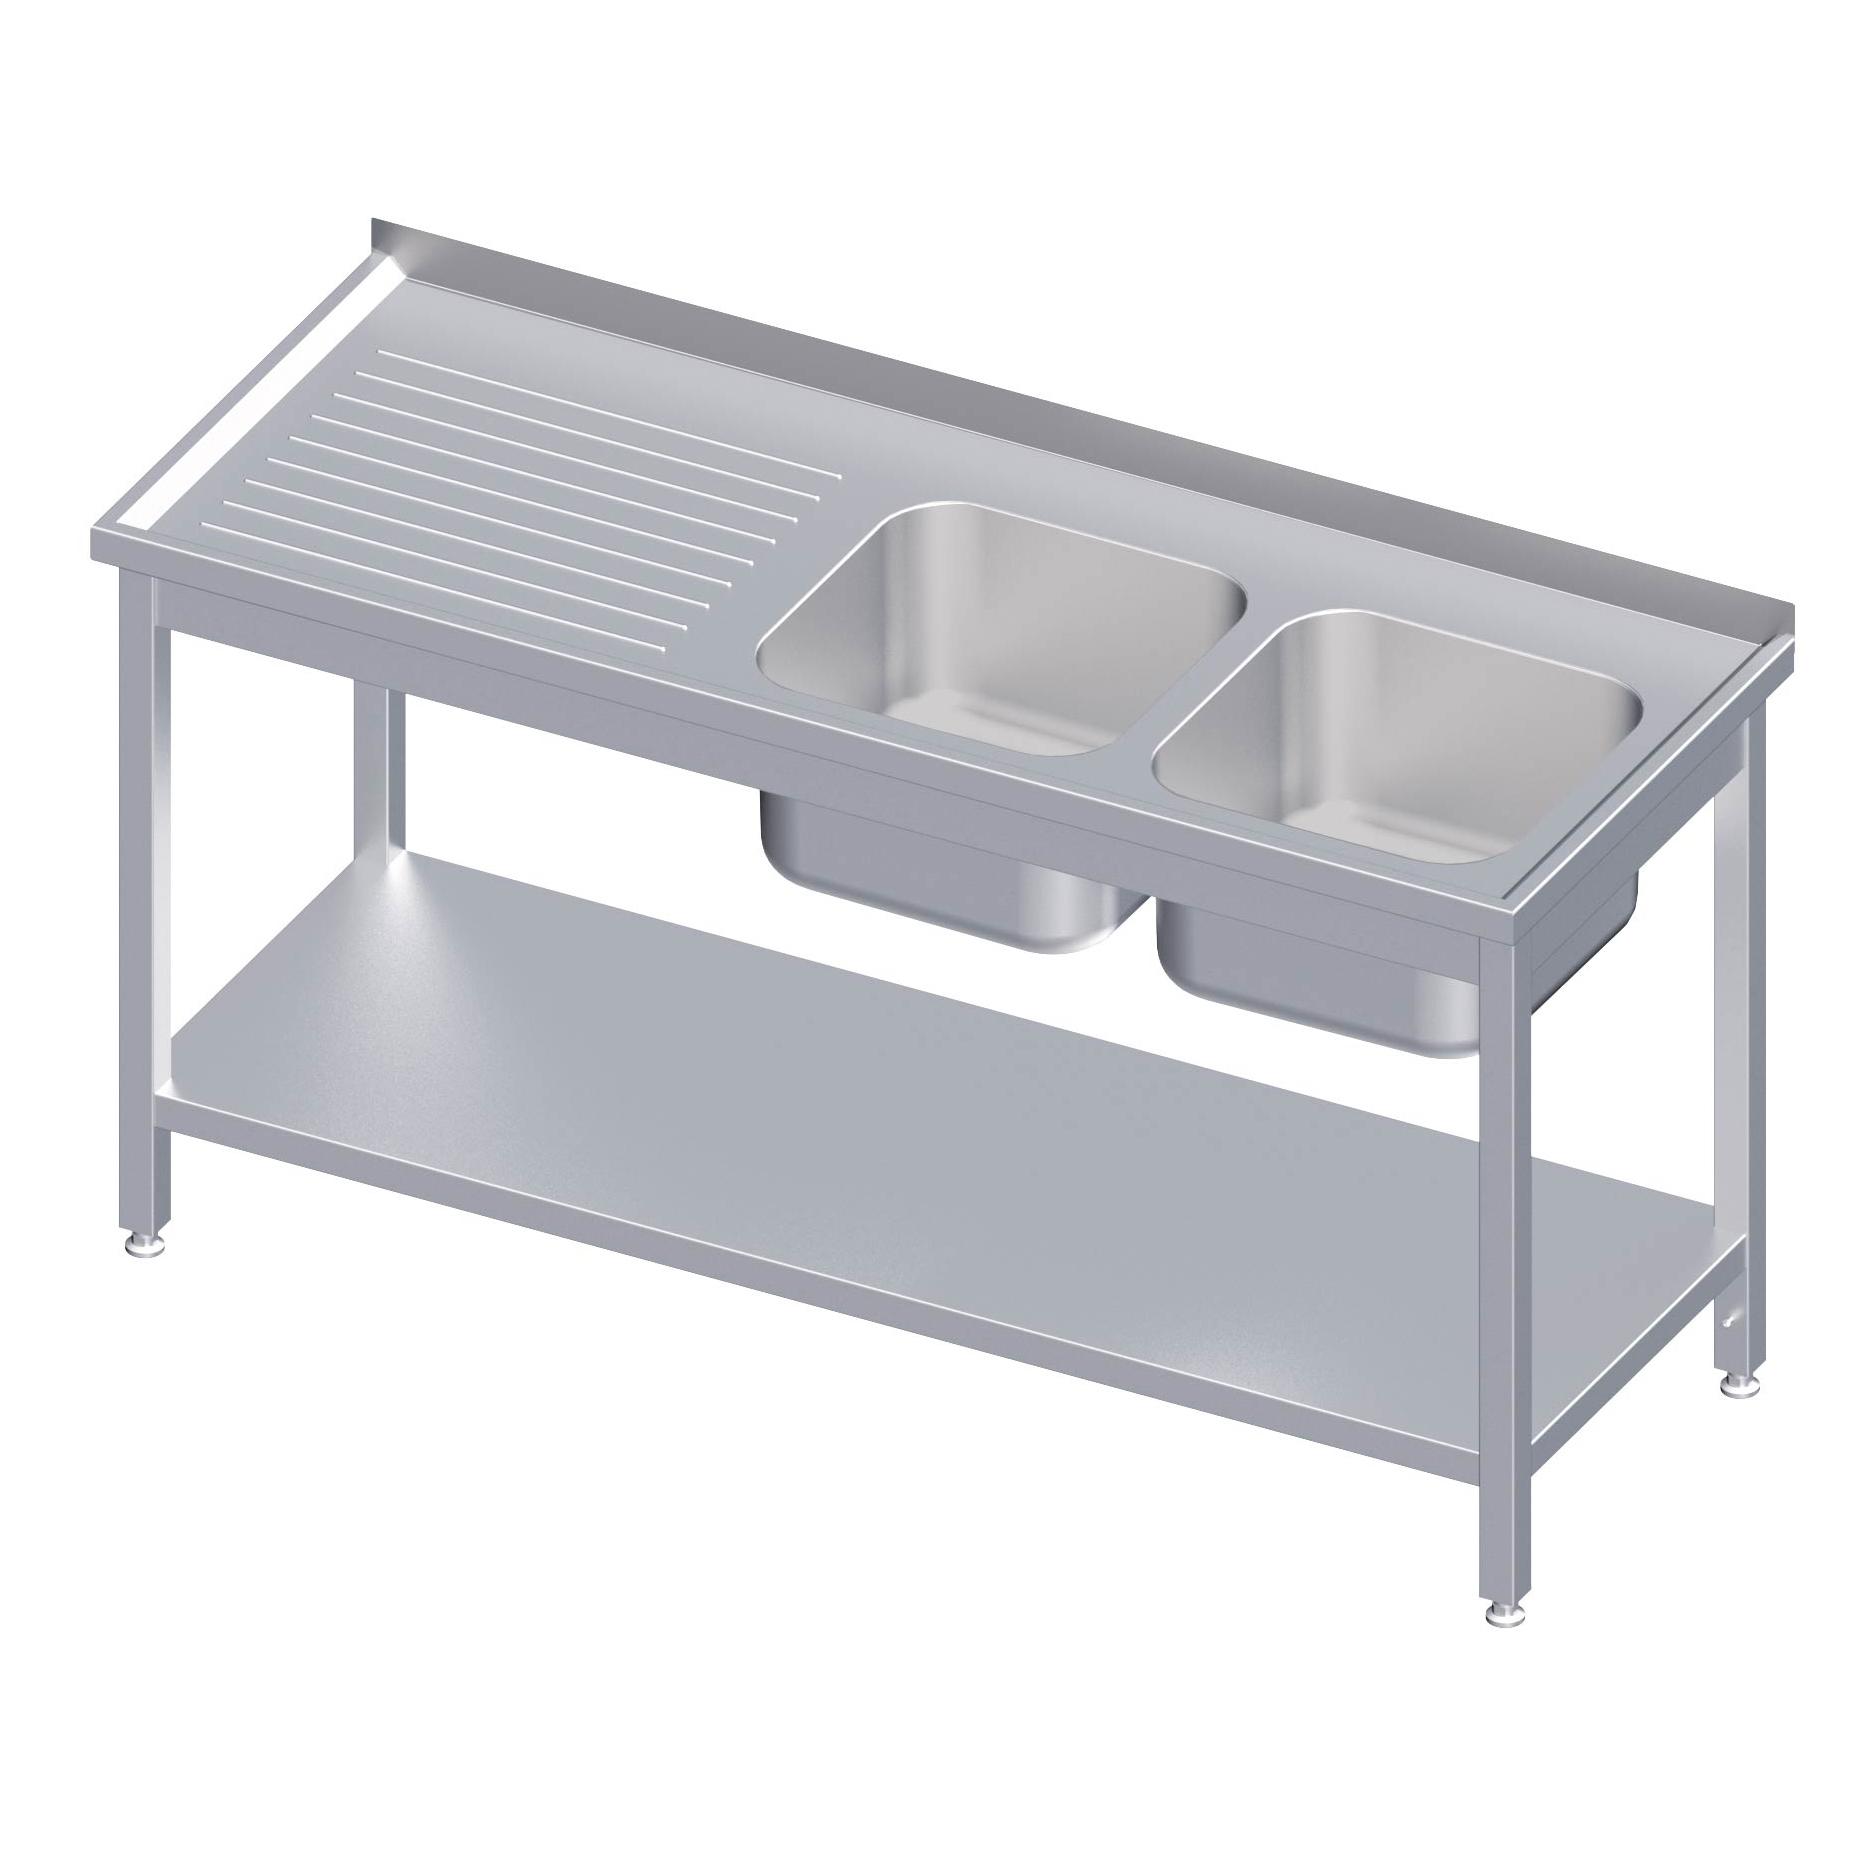 sp ltisch mit aufkantung mit zwei becken mit grundboden sp ltische 600 mm mit 2 becken. Black Bedroom Furniture Sets. Home Design Ideas